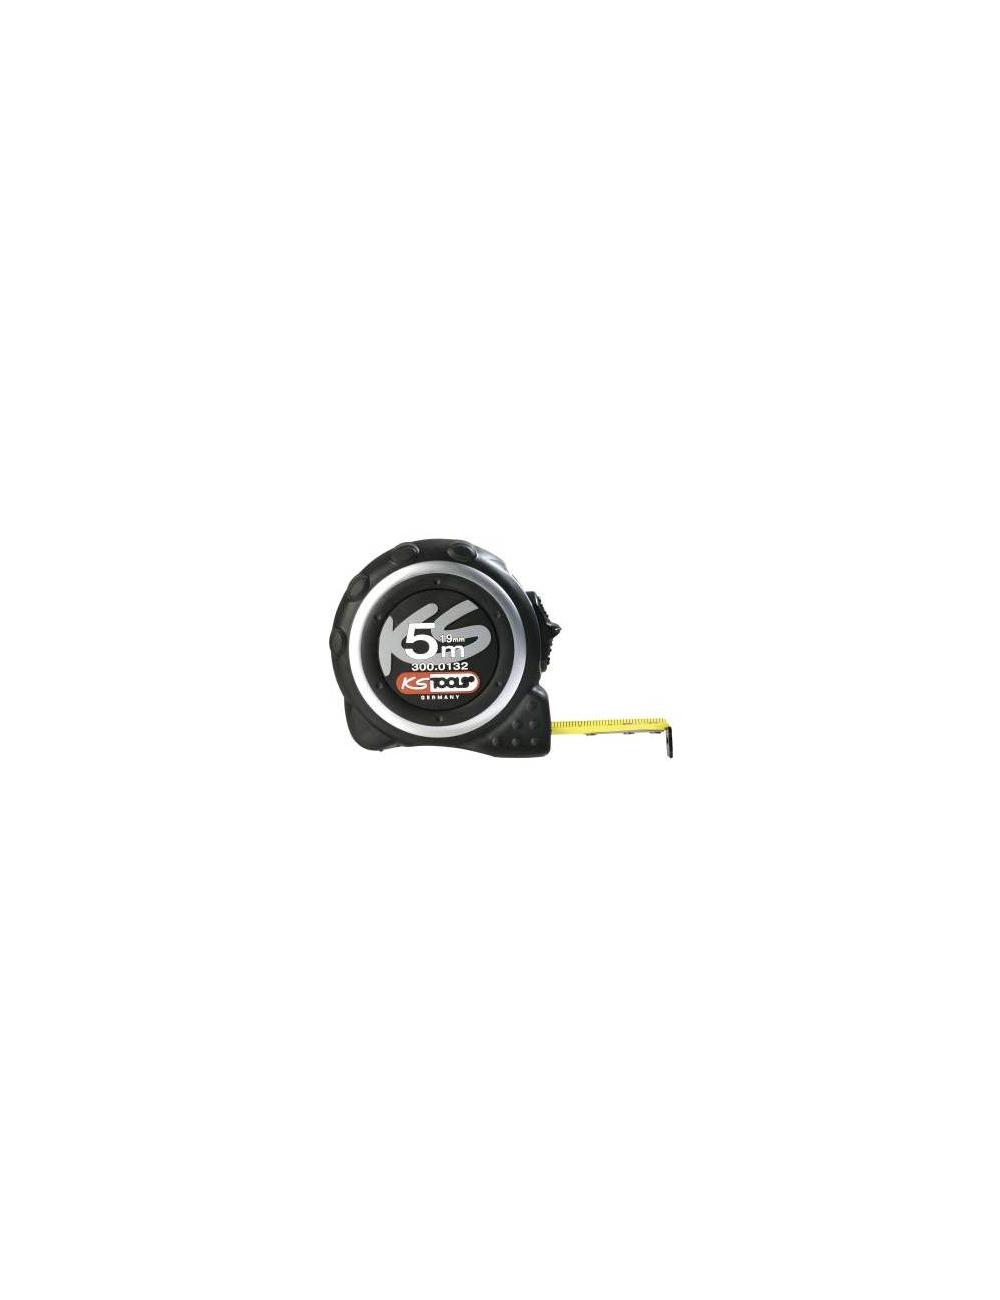 Mètre à ruban Précision PLUS 5x19mm